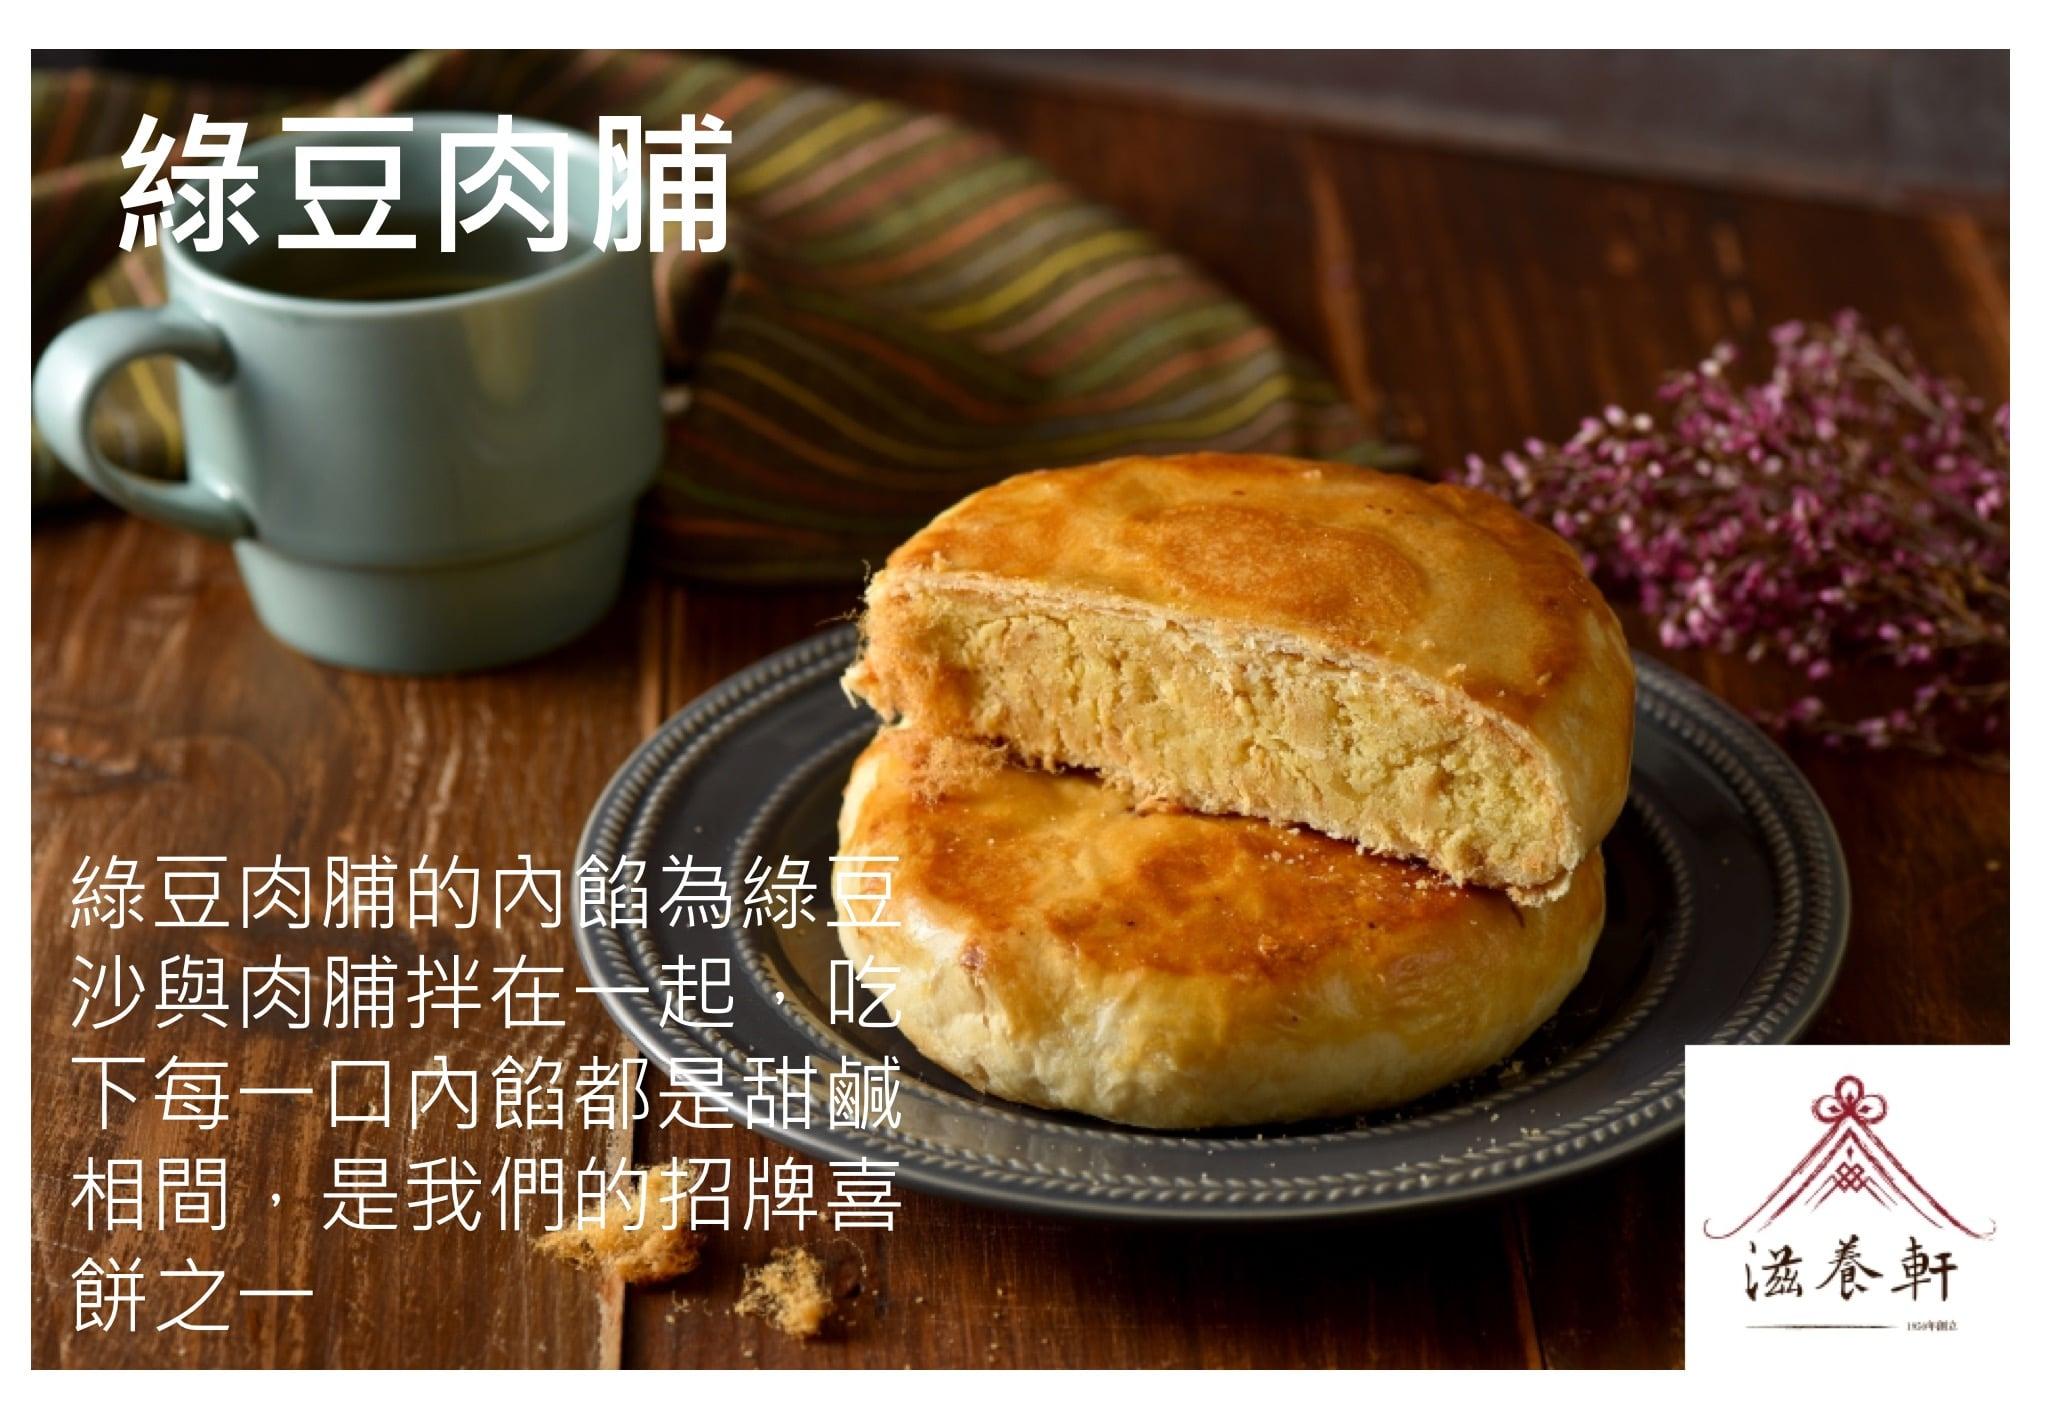 滋養軒綠豆肉脯介紹